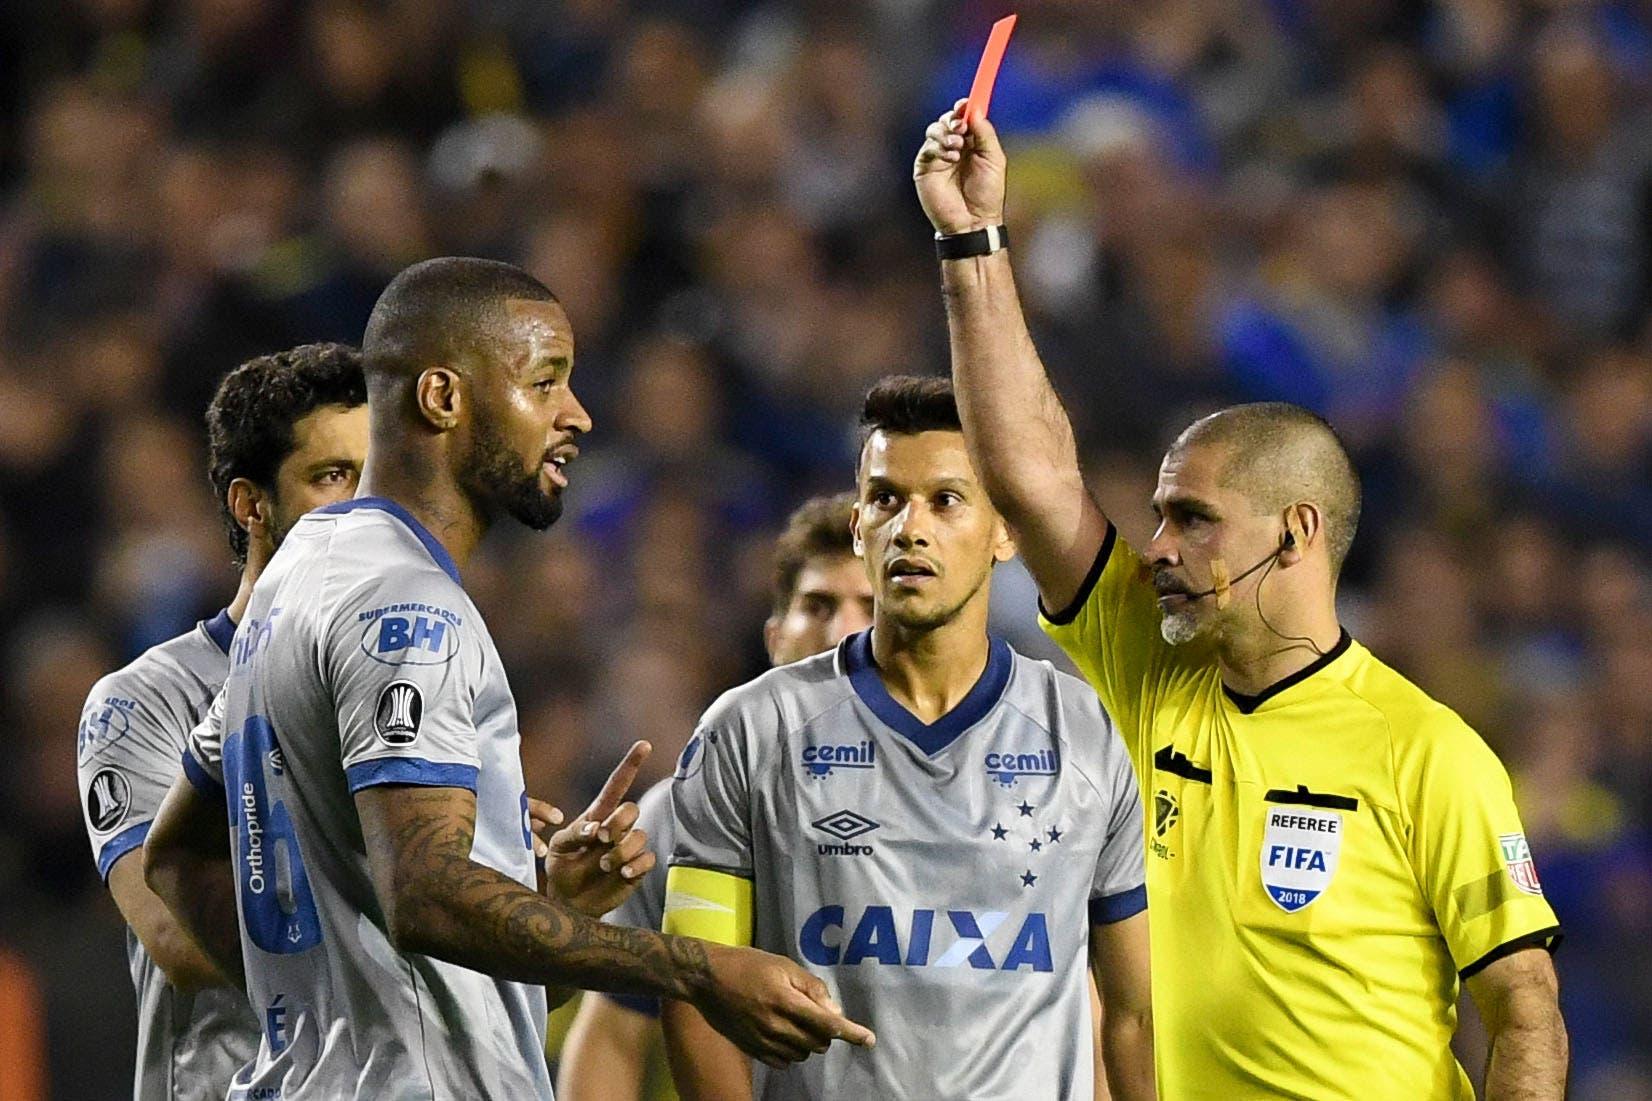 """Cruzeiro estalló por la expulsión de un jugador: """"Una de las más equivocadas decisiones en la historia del fútbol"""""""